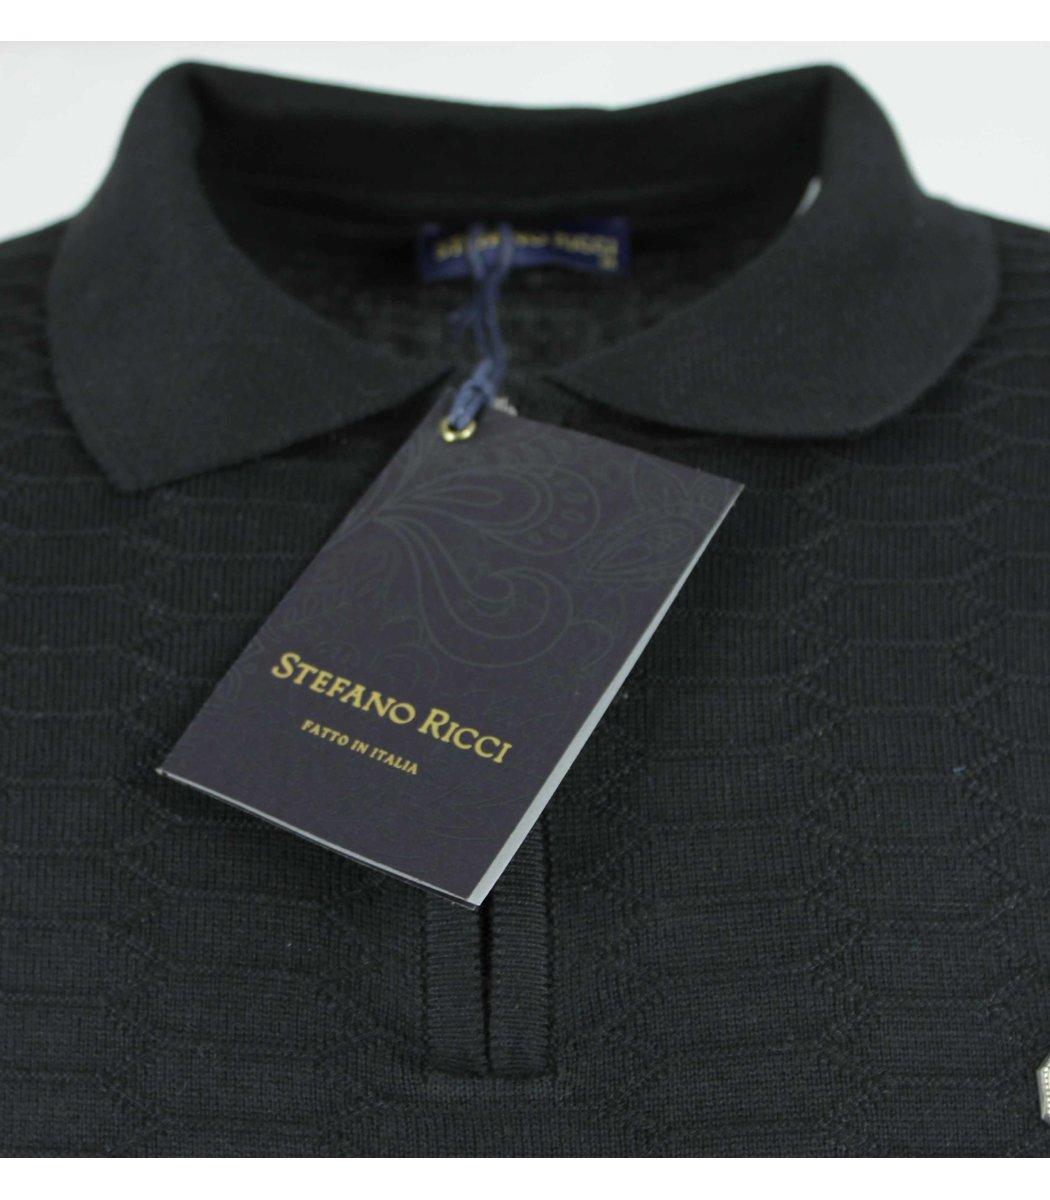 Черное поло с длинным рукавом Stefano Ricci 6660